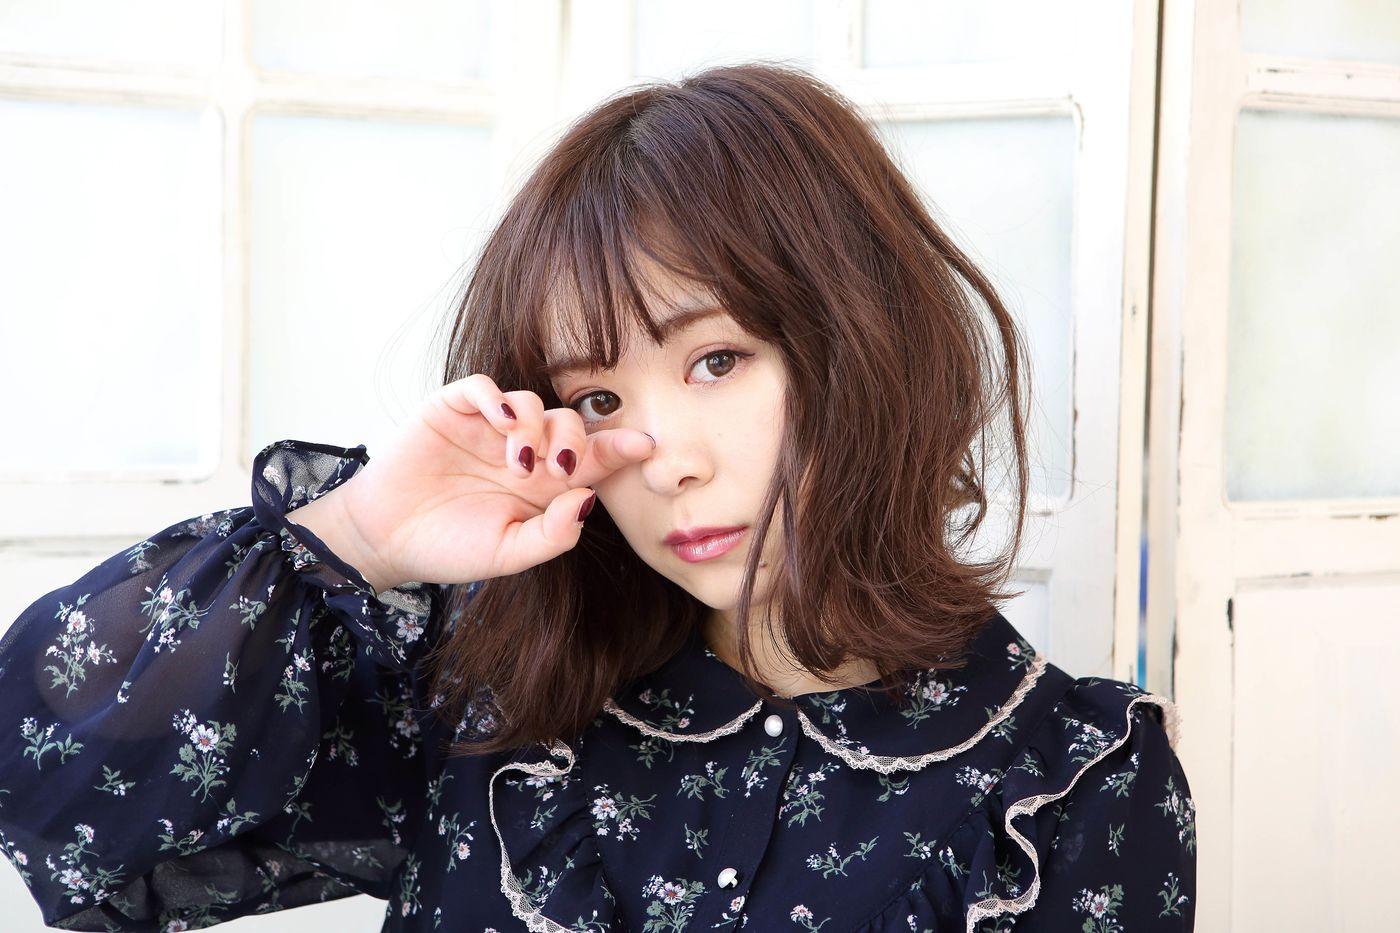 平松可奈子ちゃんの美容法♡変わらない可愛さと強いメンタルの秘密の1枚目の画像